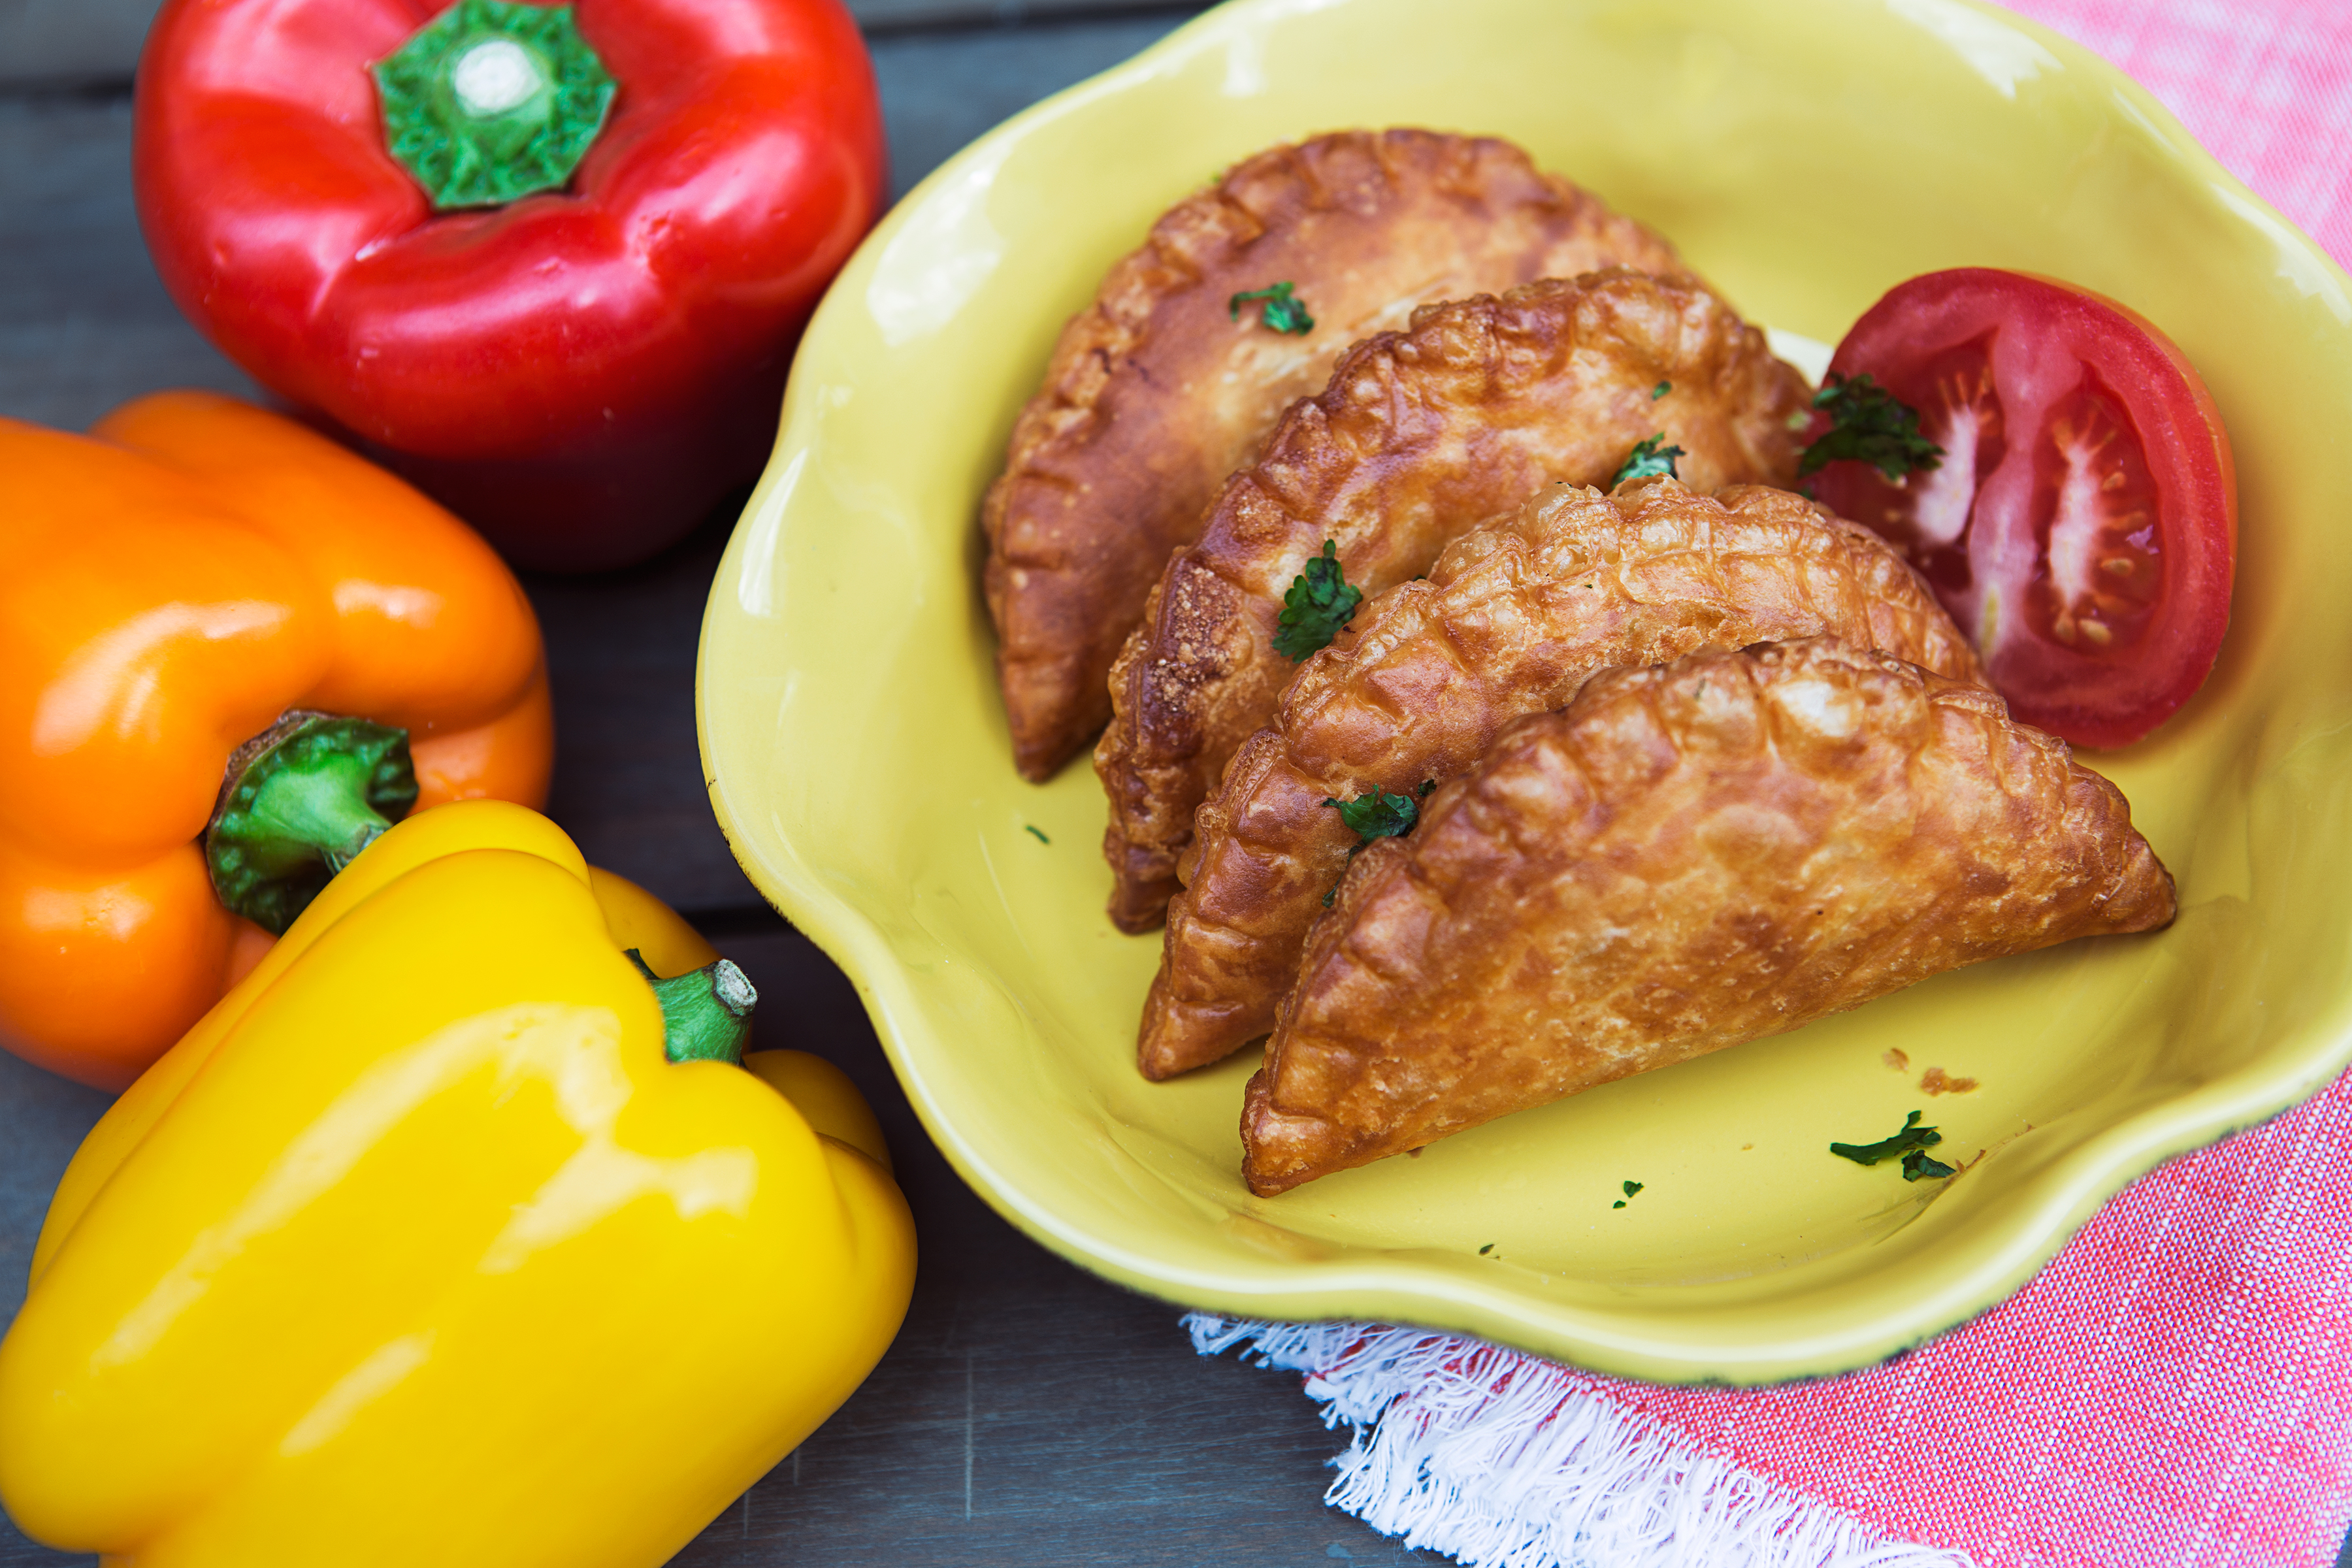 A plate of fried empanadas from Colada Shop